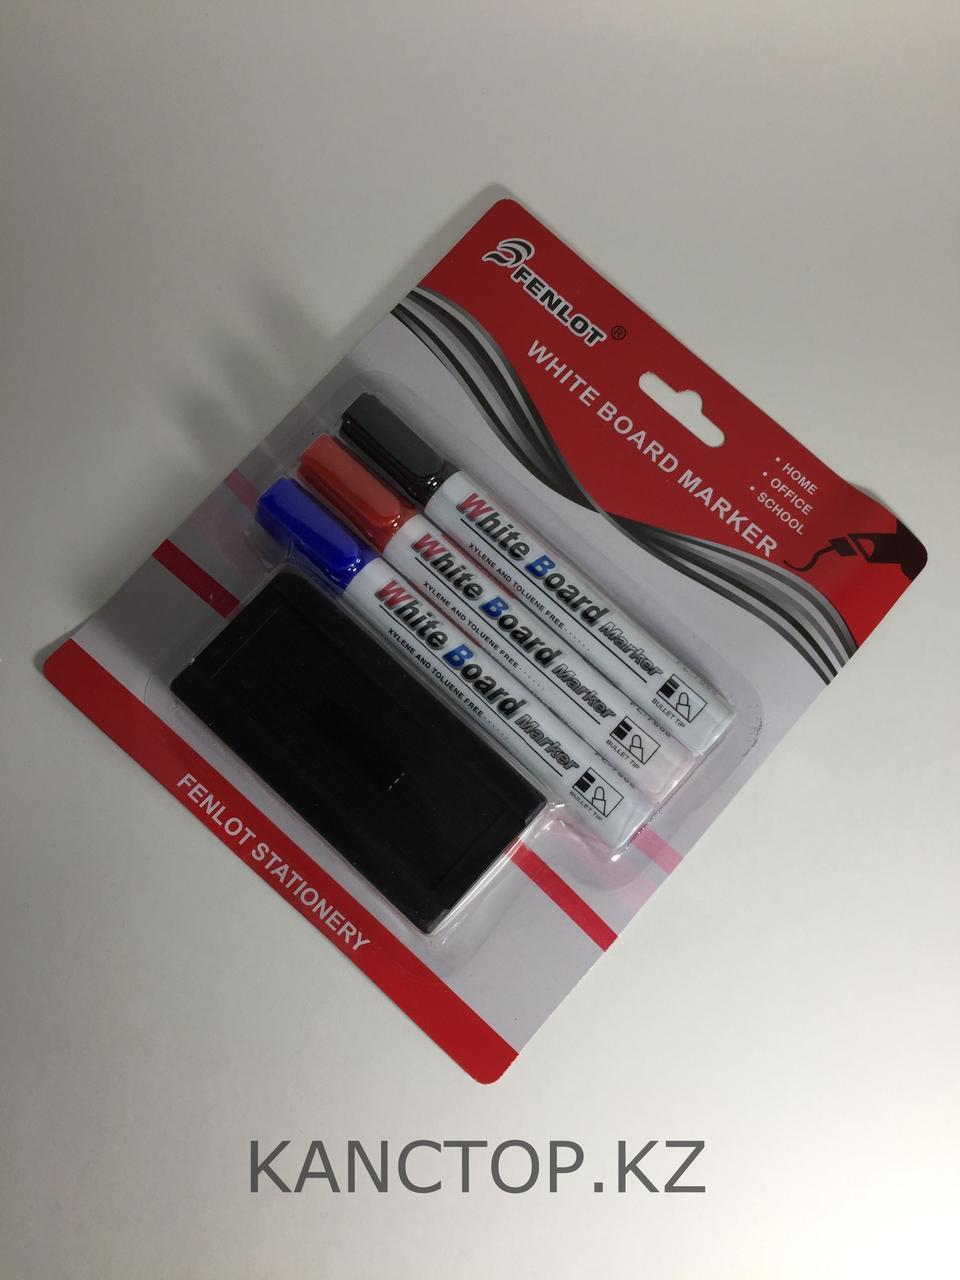 Набор маркеров для белых досок 3 маркера + губка для стирания.